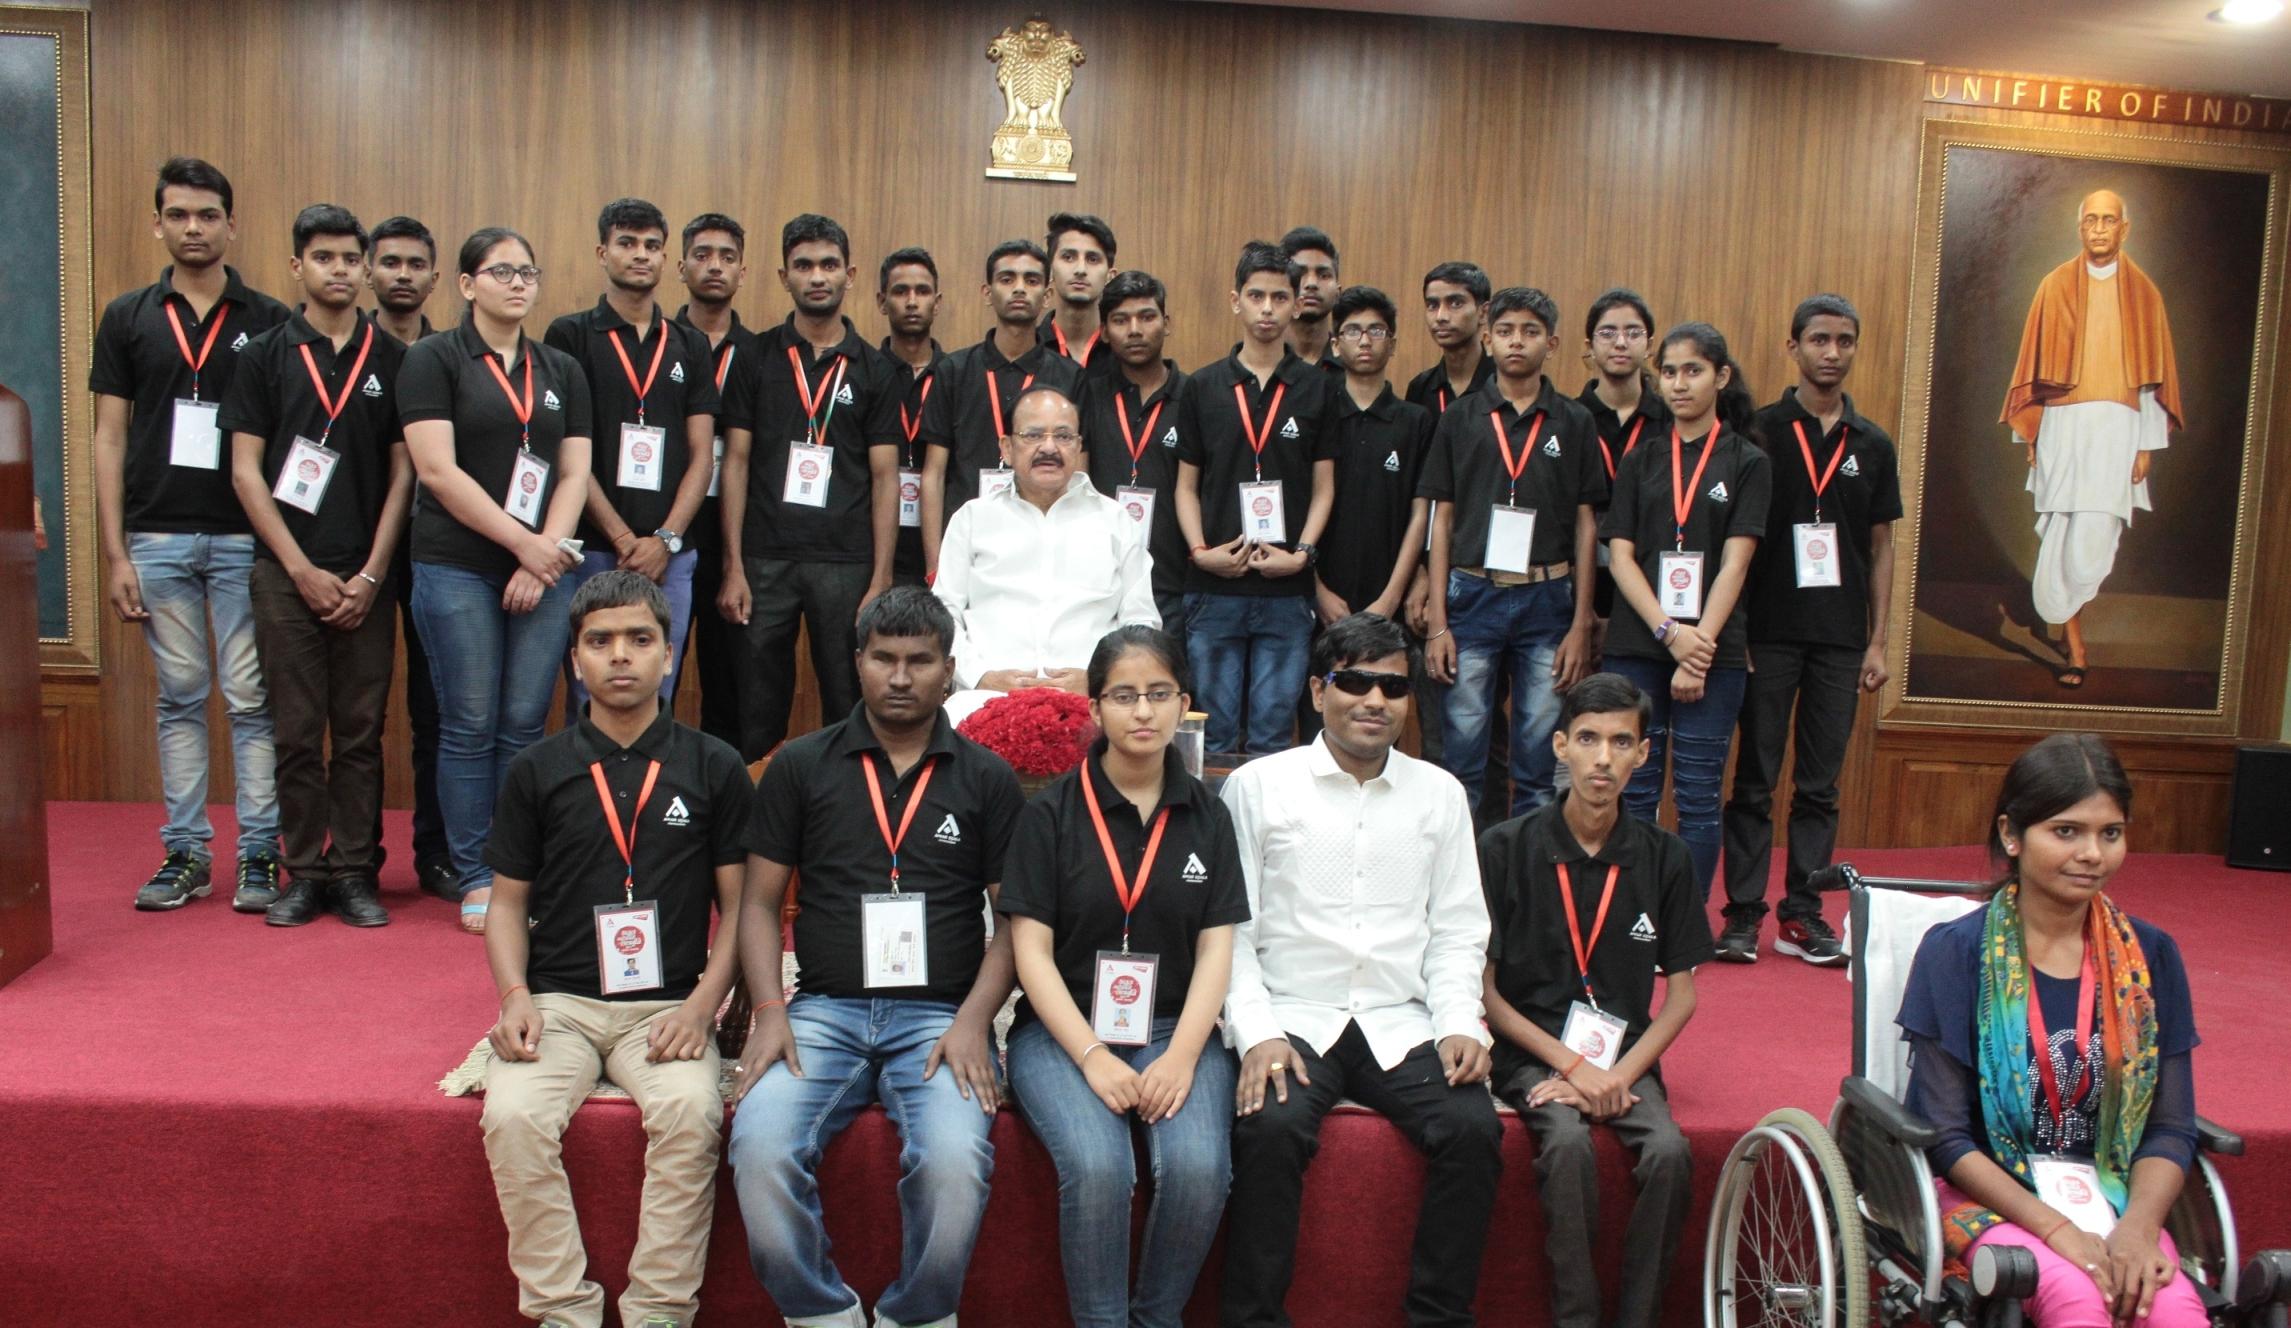 अतुल माहेश्वरी छात्रवृत्ति-2017 के विजेताओं को उप-राष्ट्रपति ने किया सम्मानित।